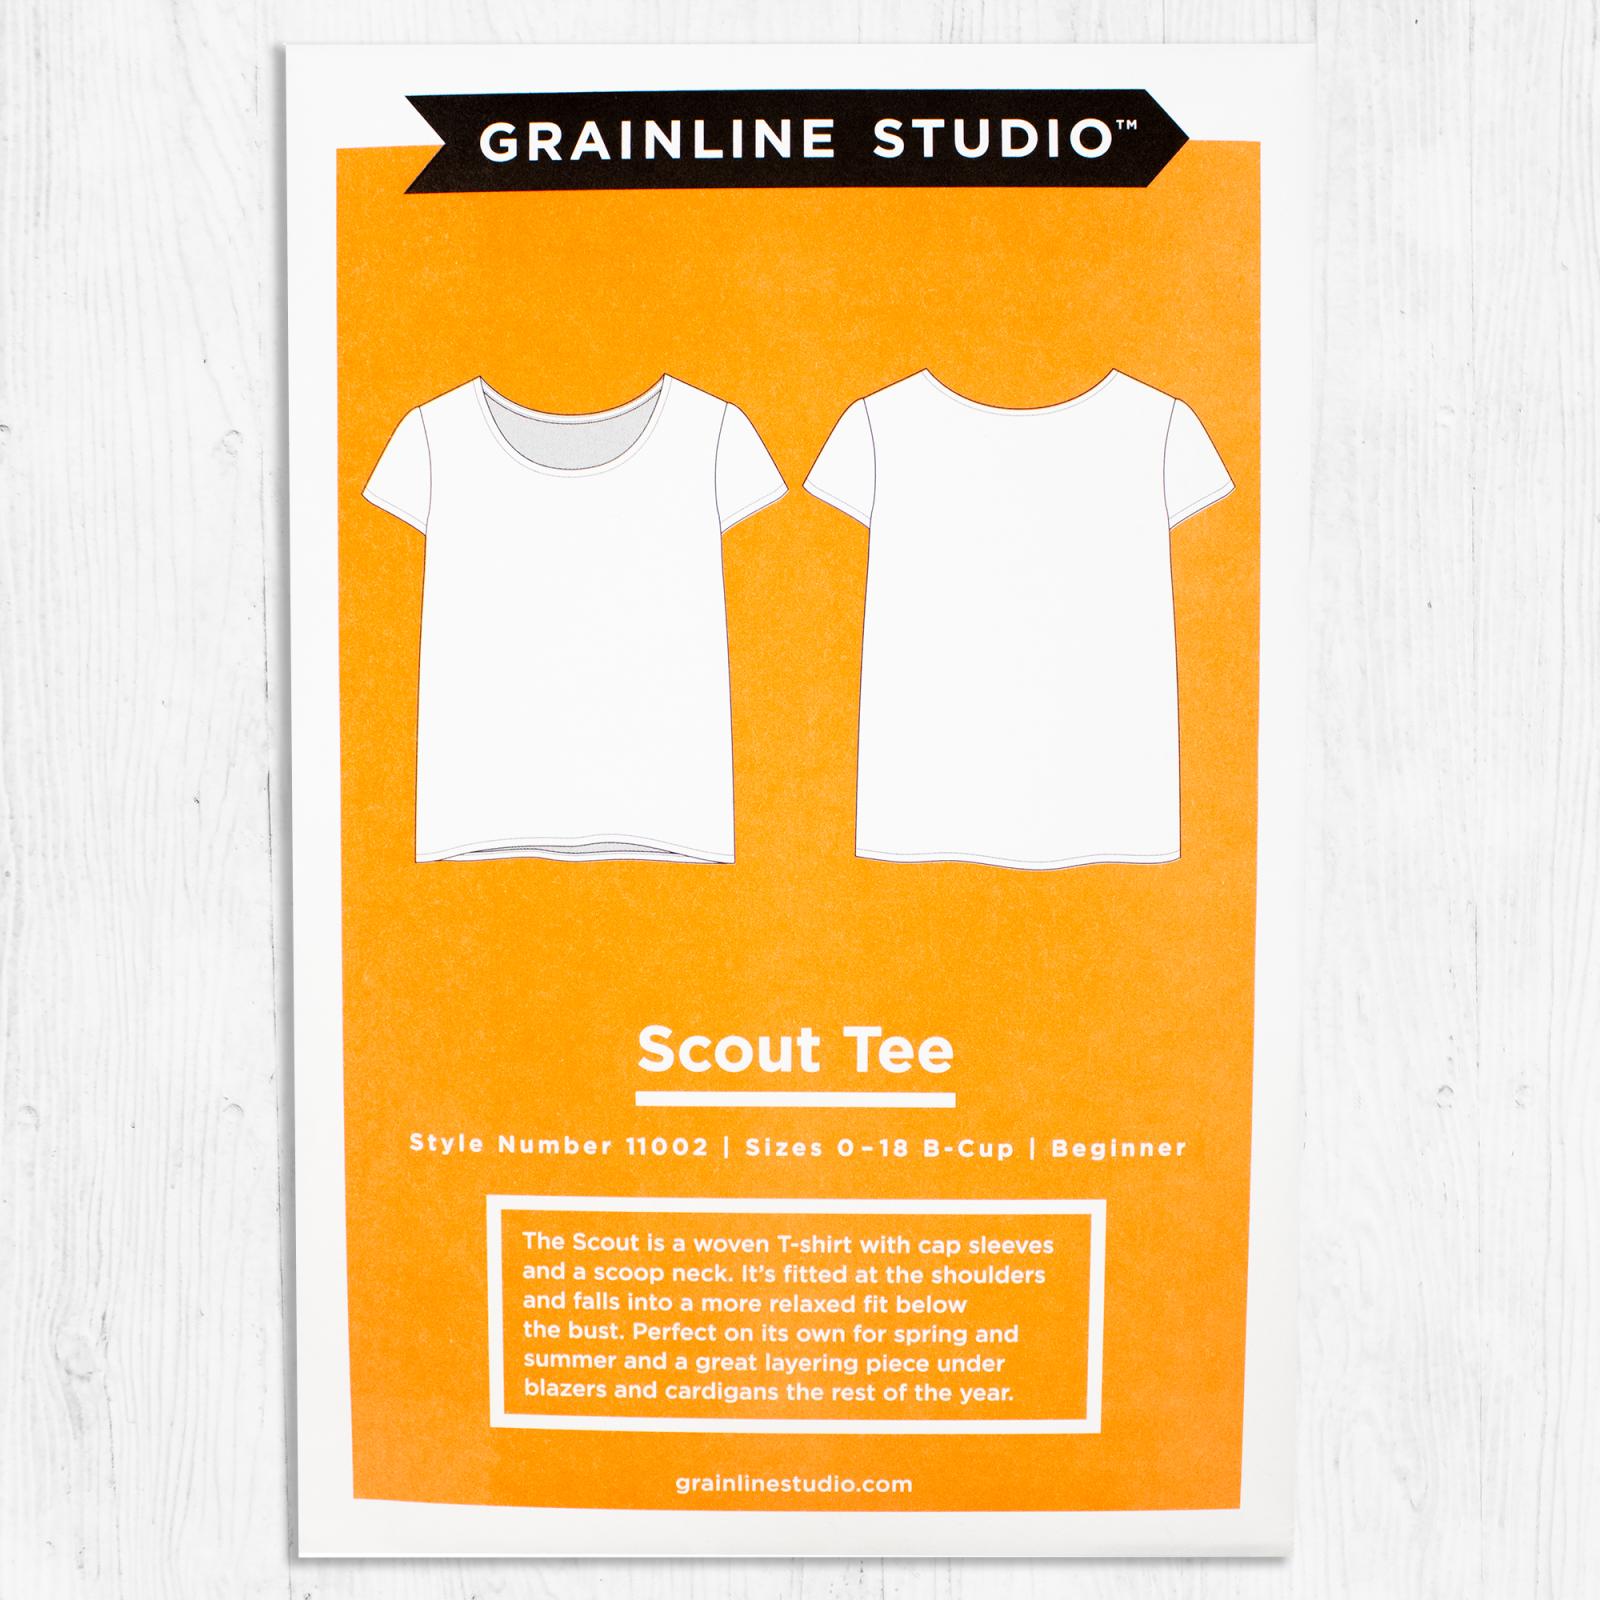 Grainline Studios - Scout Tee